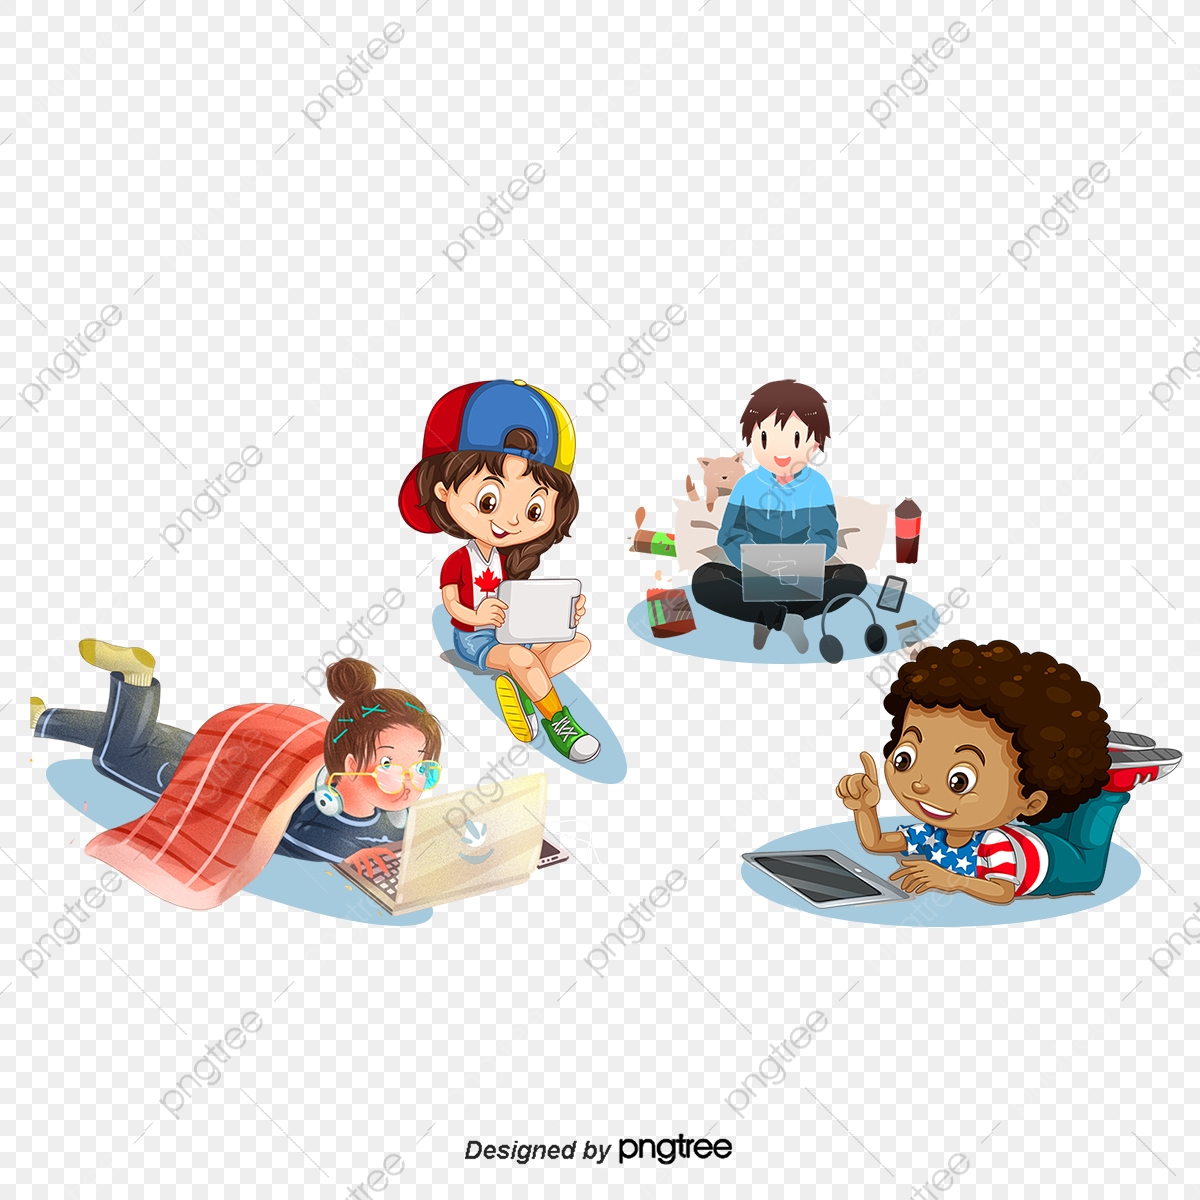 Les Enfants Jouer Avec L'ordinateur, Dessins D'enfants, L pour Telecharger Jeux Bebe Gratuit